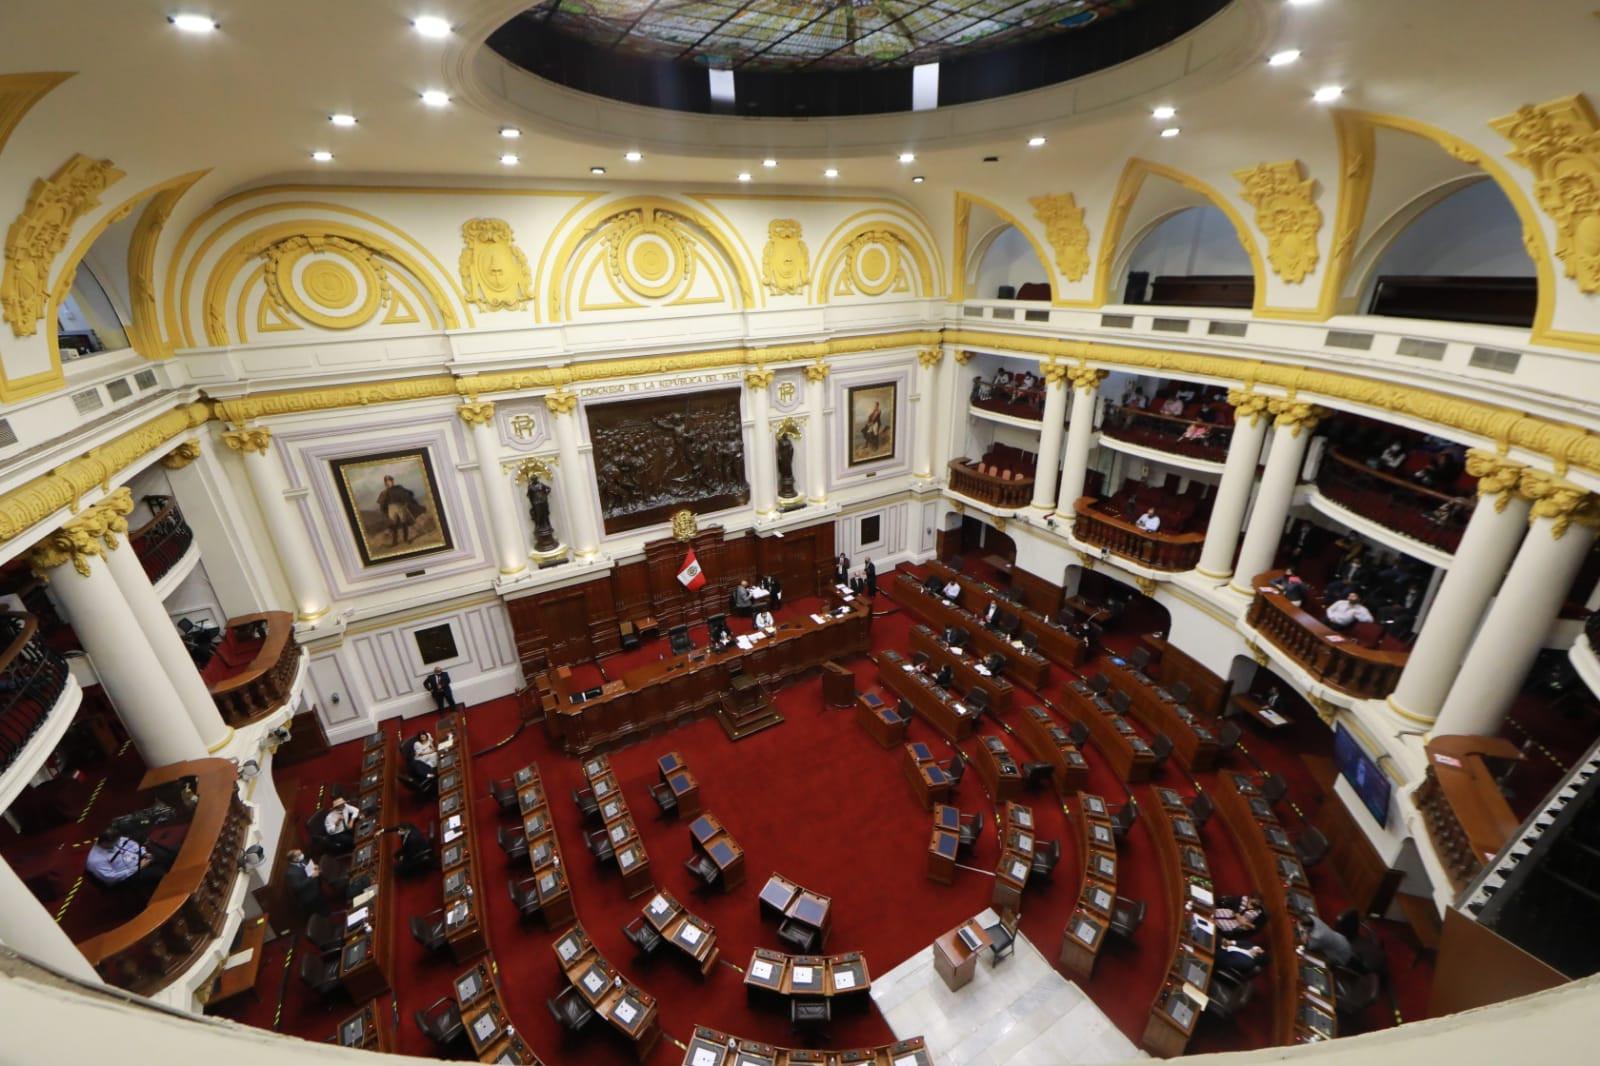 congreso-2021-2026-mesa-directiva-de-la-junta-preparatoria-quedo-instalada